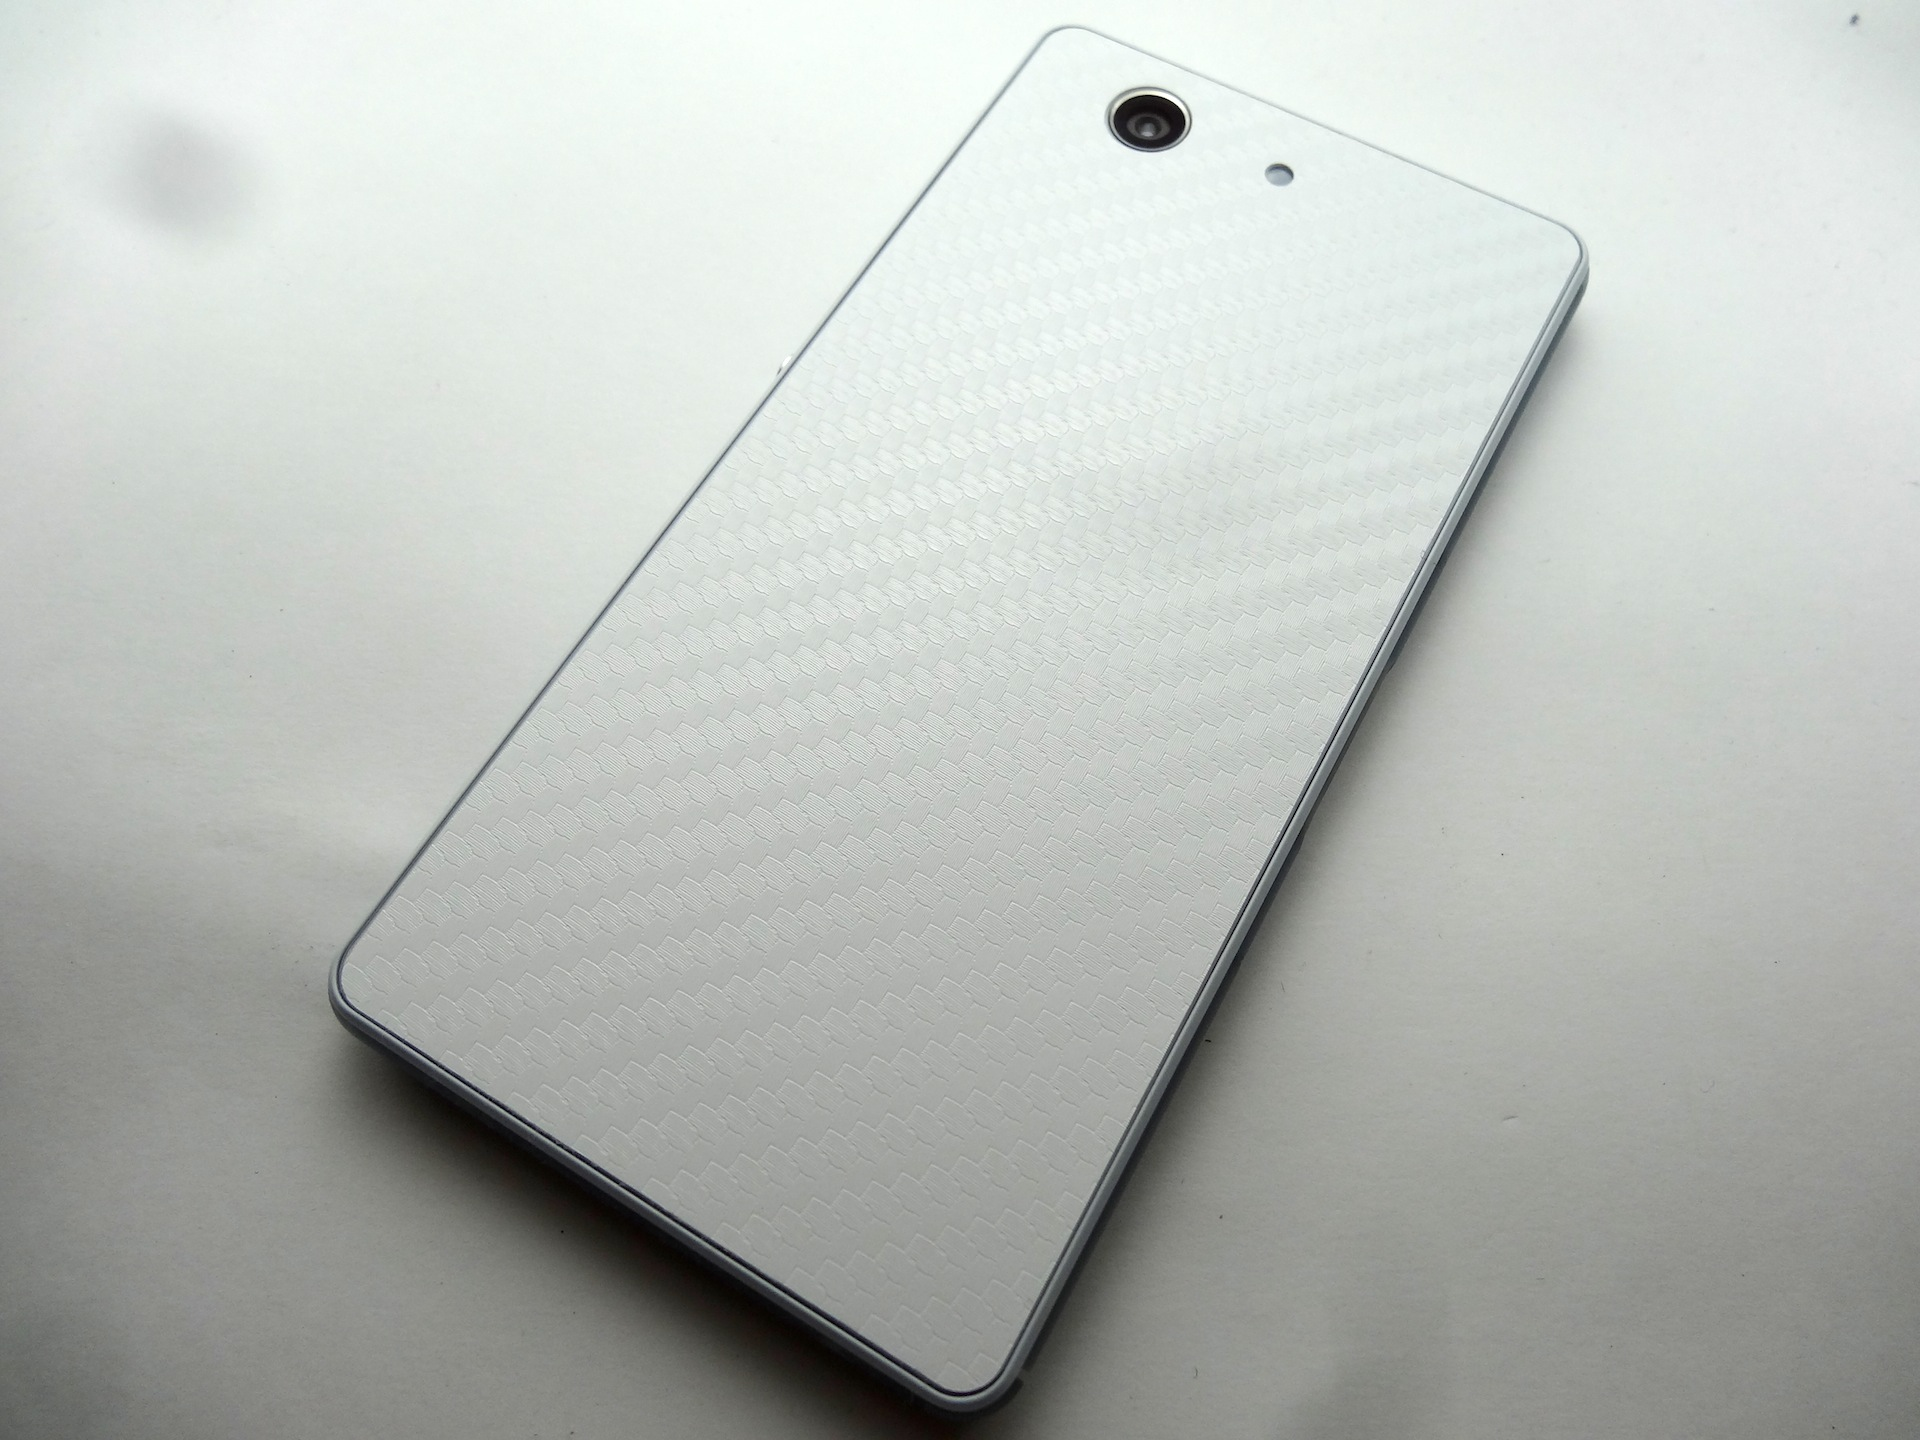 Xperia Z3 Compact SO-02G White 開封の儀 - ちくわ物語(犬)